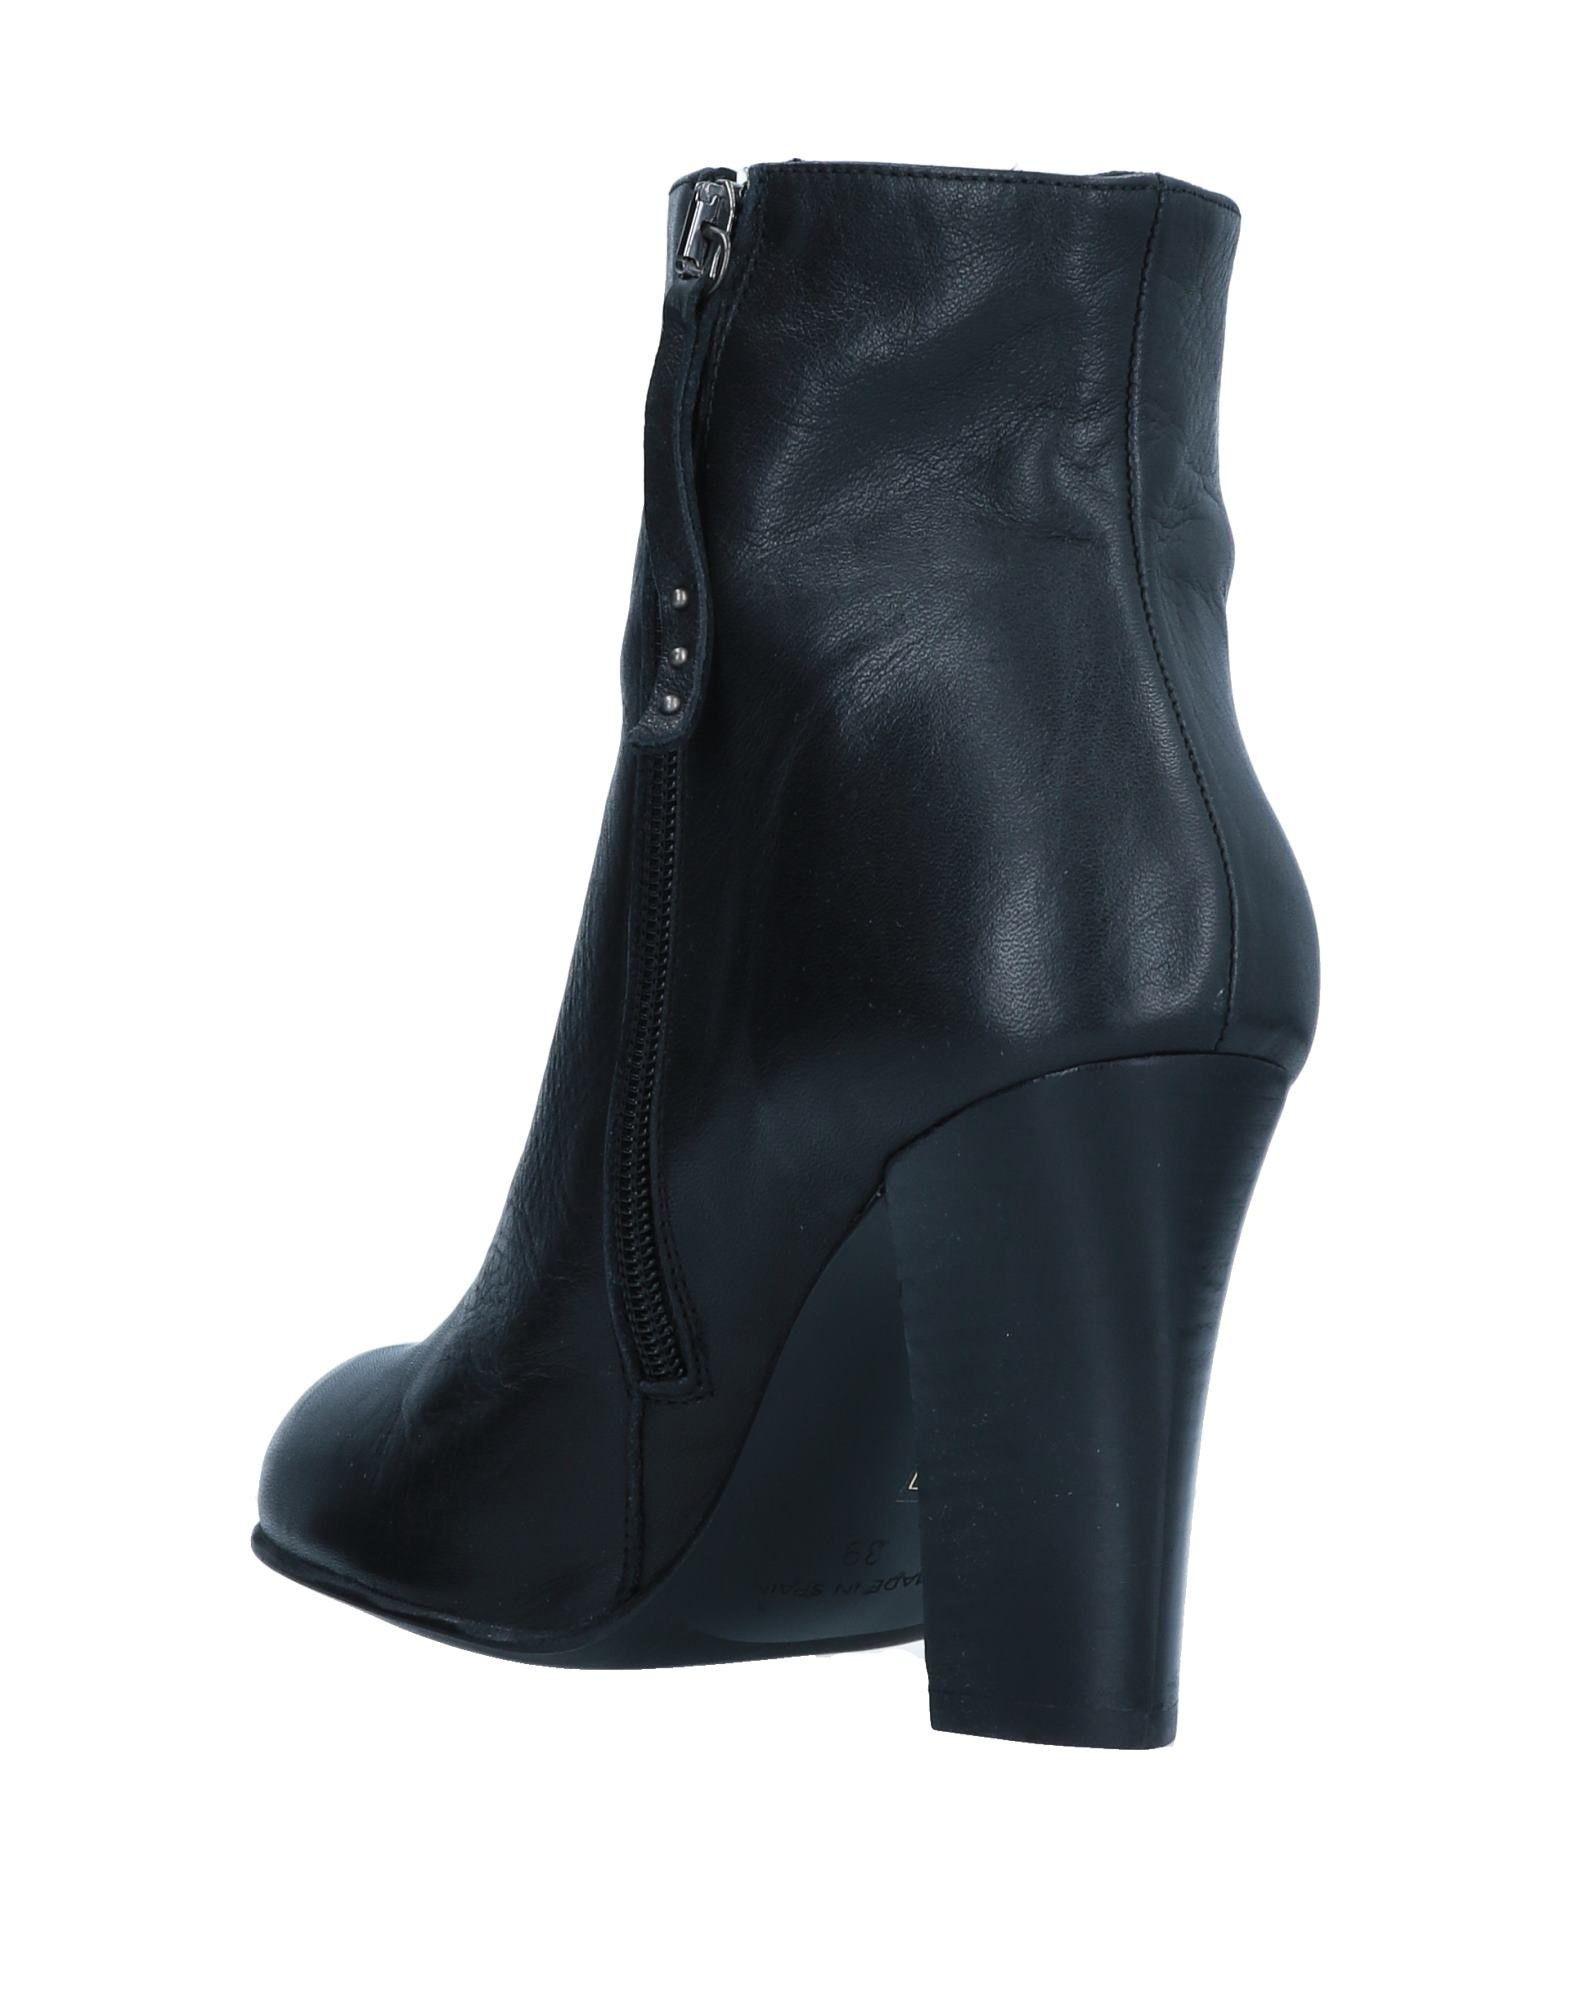 Stilvolle billige Schuhe Eqüitare  Stiefelette Damen  Eqüitare 11527453UE c82837